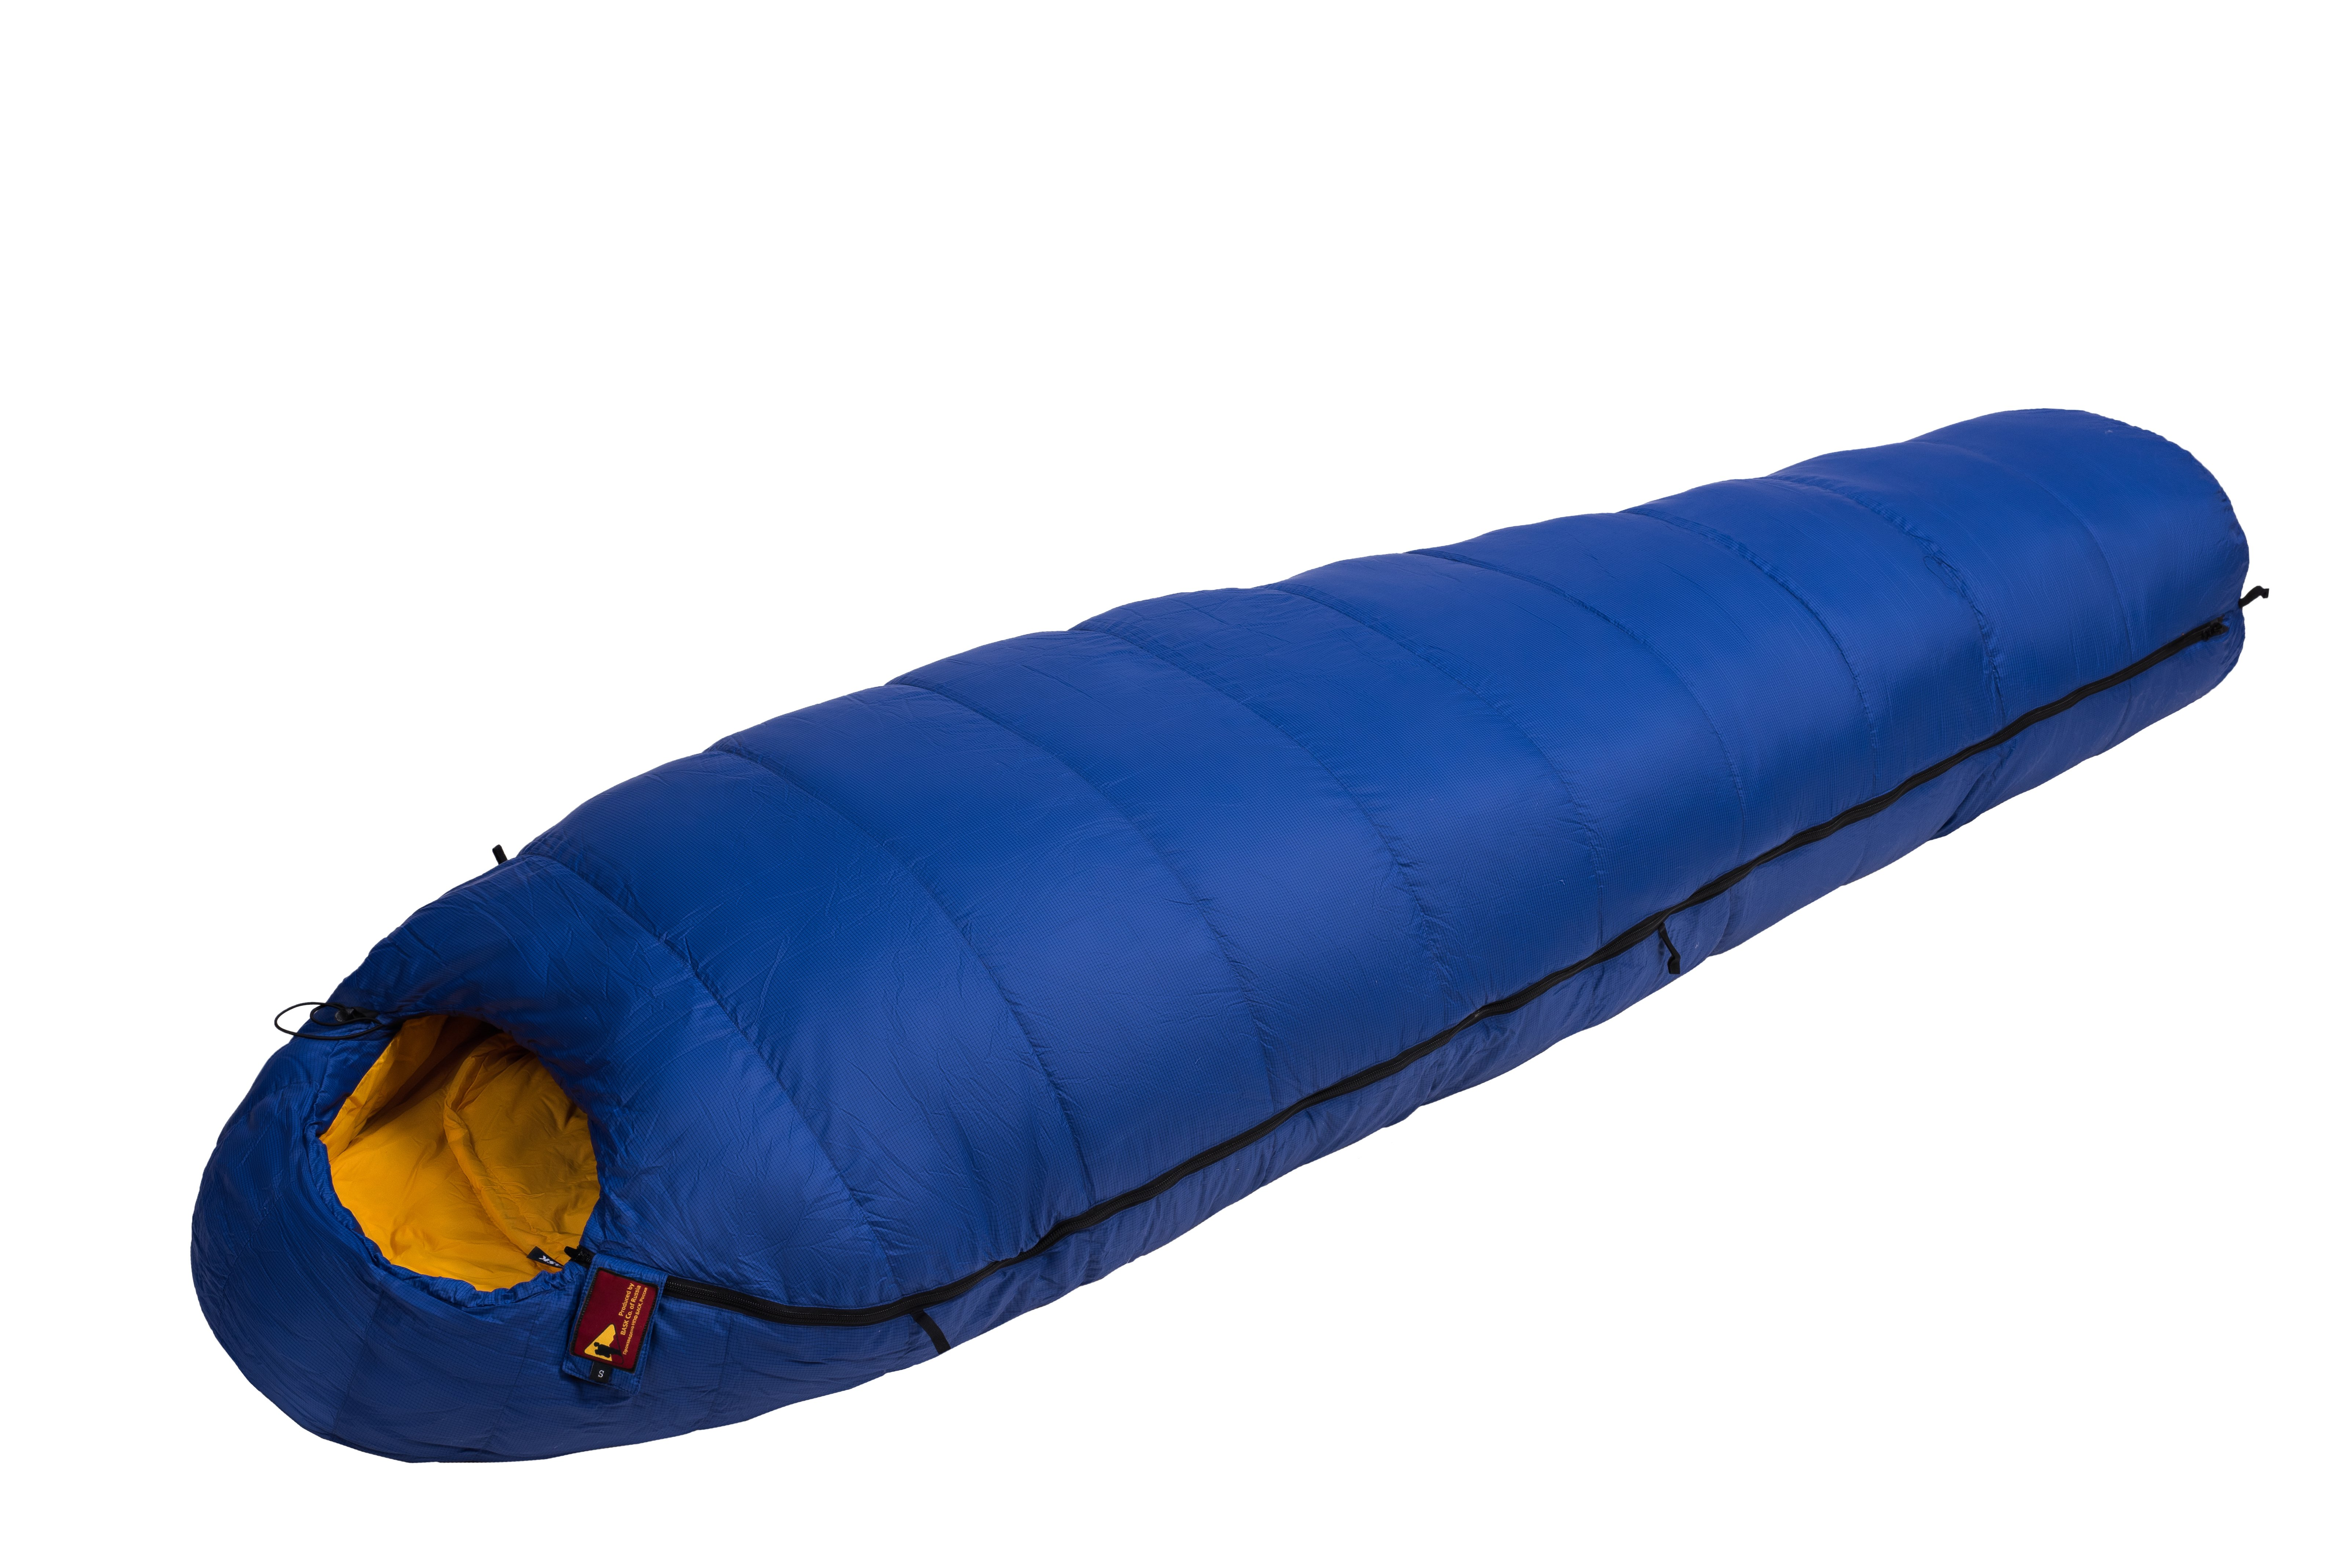 Спальный мешок BASK PAMIRS 600+FP-M 1691AСпальные мешки<br>Пуховой спальный мешок для экстремальных условий (-30?С).<br><br>Верхняя ткань: Advance® Classic<br>Вес без упаковки: 1400<br>Вес упаковки: 150<br>Вес утеплителя: 903<br>Внутренняя ткань: Advance® Classic<br>Назначение: Экстремальный<br>Наличие карманов: Да<br>Наполнитель: Гусиный пух<br>Нижняя температура комфорта °C: -11<br>Подголовник/Капюшон: Да<br>Показатель Fill Power (для пуховых изделий): 670<br>Пол: Унисекс<br>Размер в упакованном виде (диаметр х длина): 21x50<br>Размеры наружные (внутренние): 215х192х80х55<br>Система расположения слоев утеплителя или пуховых пакетов: Смещенные швы<br>Температура комфорта °C: -4<br>Тесьма вдоль планки: Да<br>Тип молнии: Двухзамковая-разъёмная<br>Тип утеплителя: Натуральный<br>Утеплитель: Гусиный пух<br>Утепляющая планка: Да<br>Форма: Кокон<br>Шейный пакет: Да<br>Экстремальная температура °C: -30